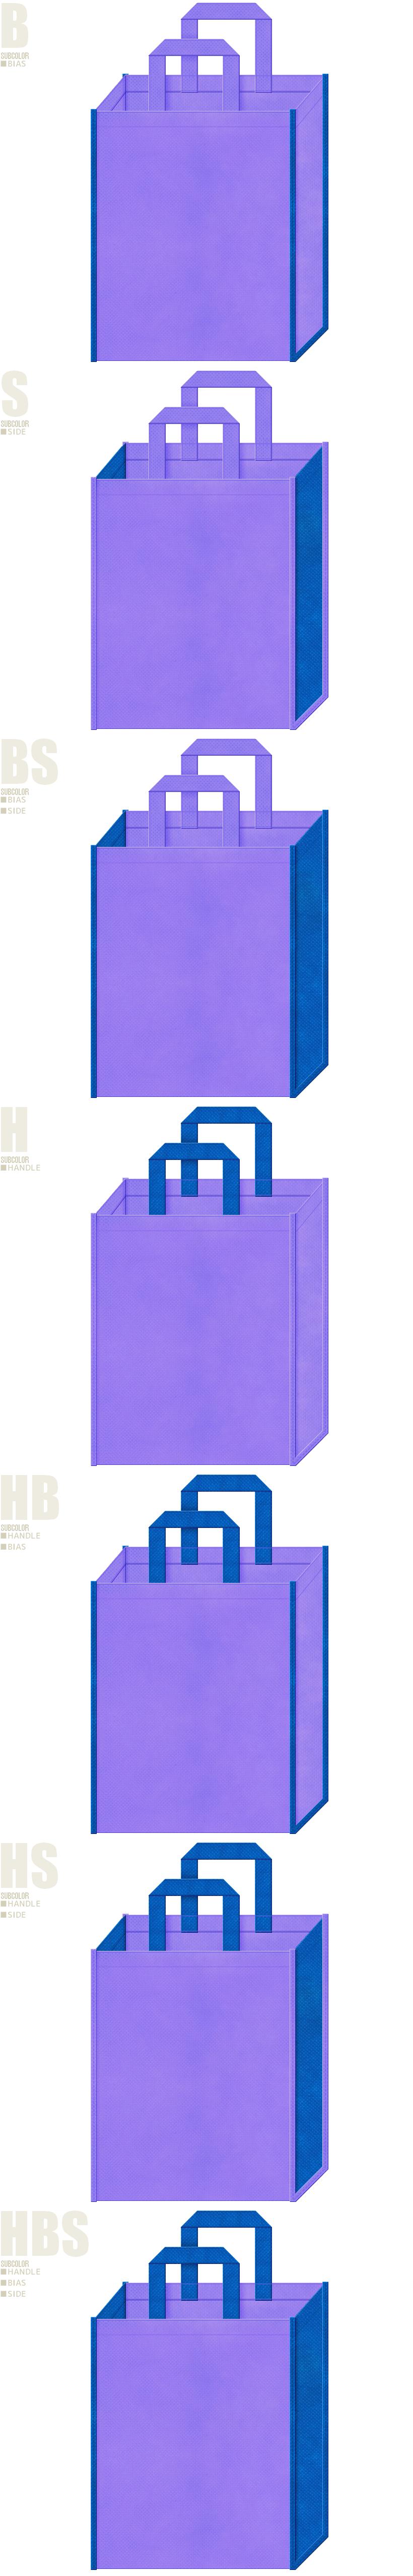 不織布バッグのデザイン:不織布メインカラーNo.32+サブカラーNo.22の2色7パターン